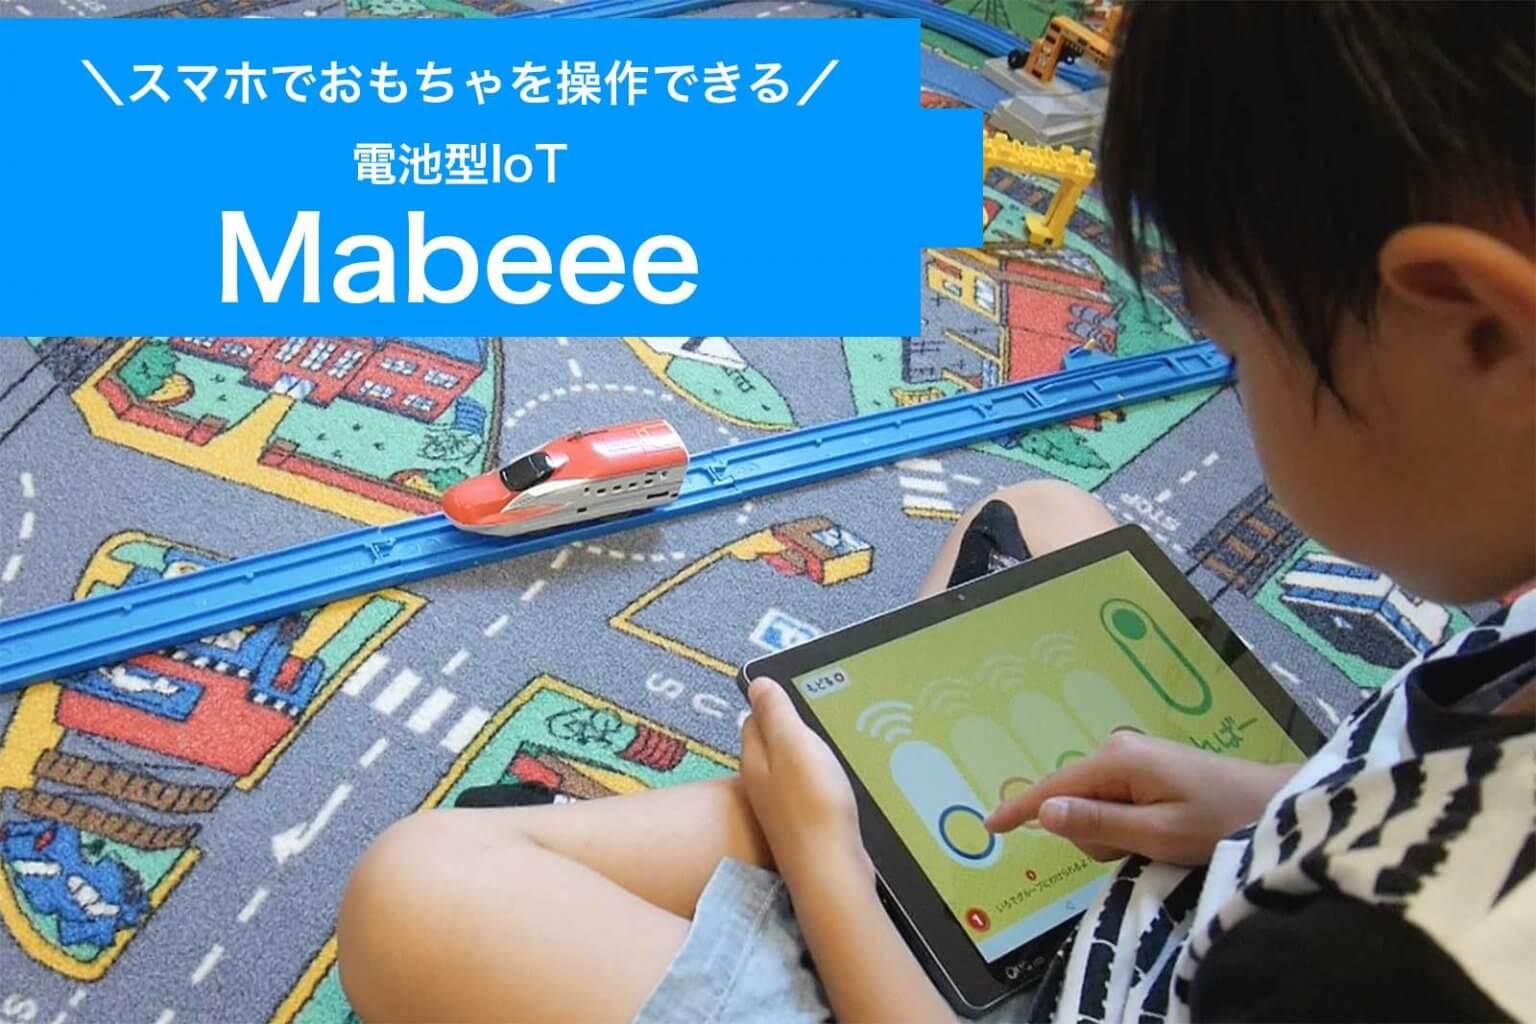 スマホでおもちゃを操作できるMaBeeeは遊びをもっと楽しくしてくれる電池型IoT【PR】